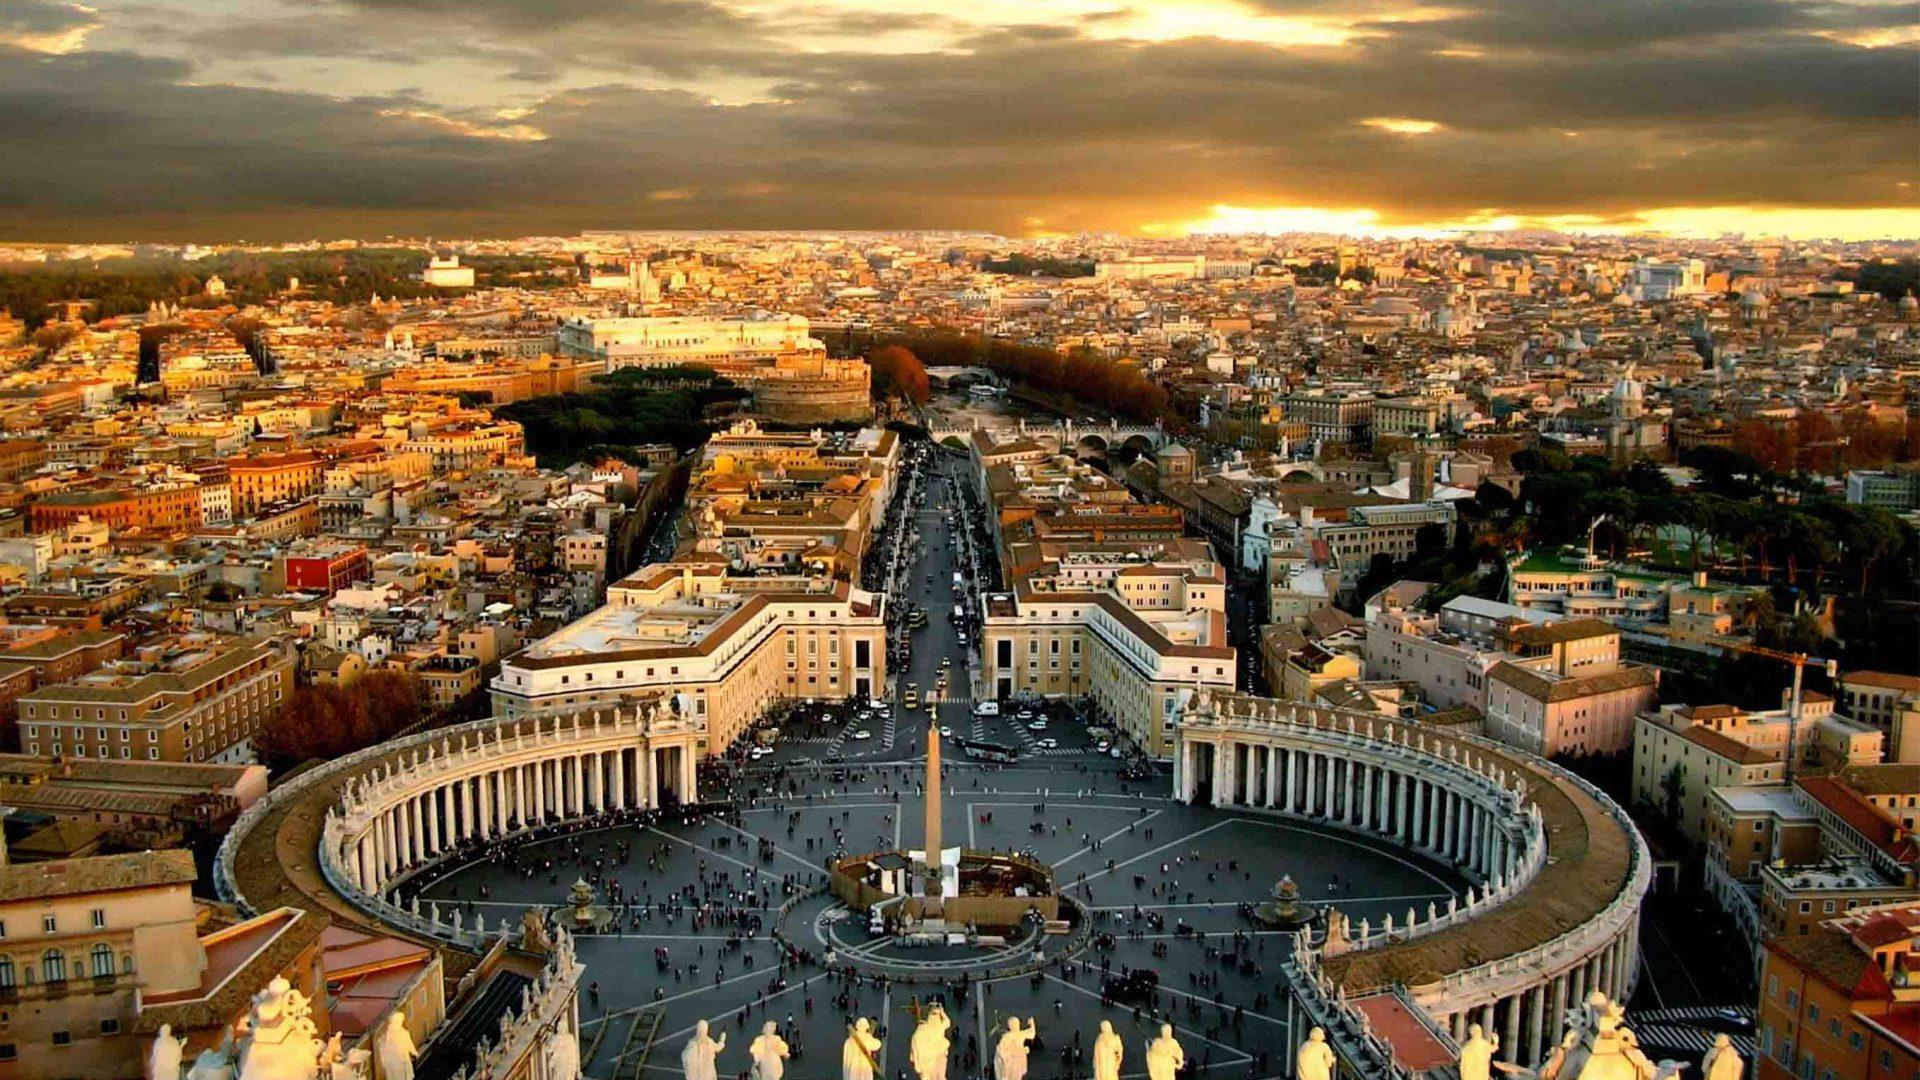 Permalink to: สถานที่ท่องเที่ยวยอดนิยม 1 ใน 5 ได้แก่ กรุงโรม อิตาลี